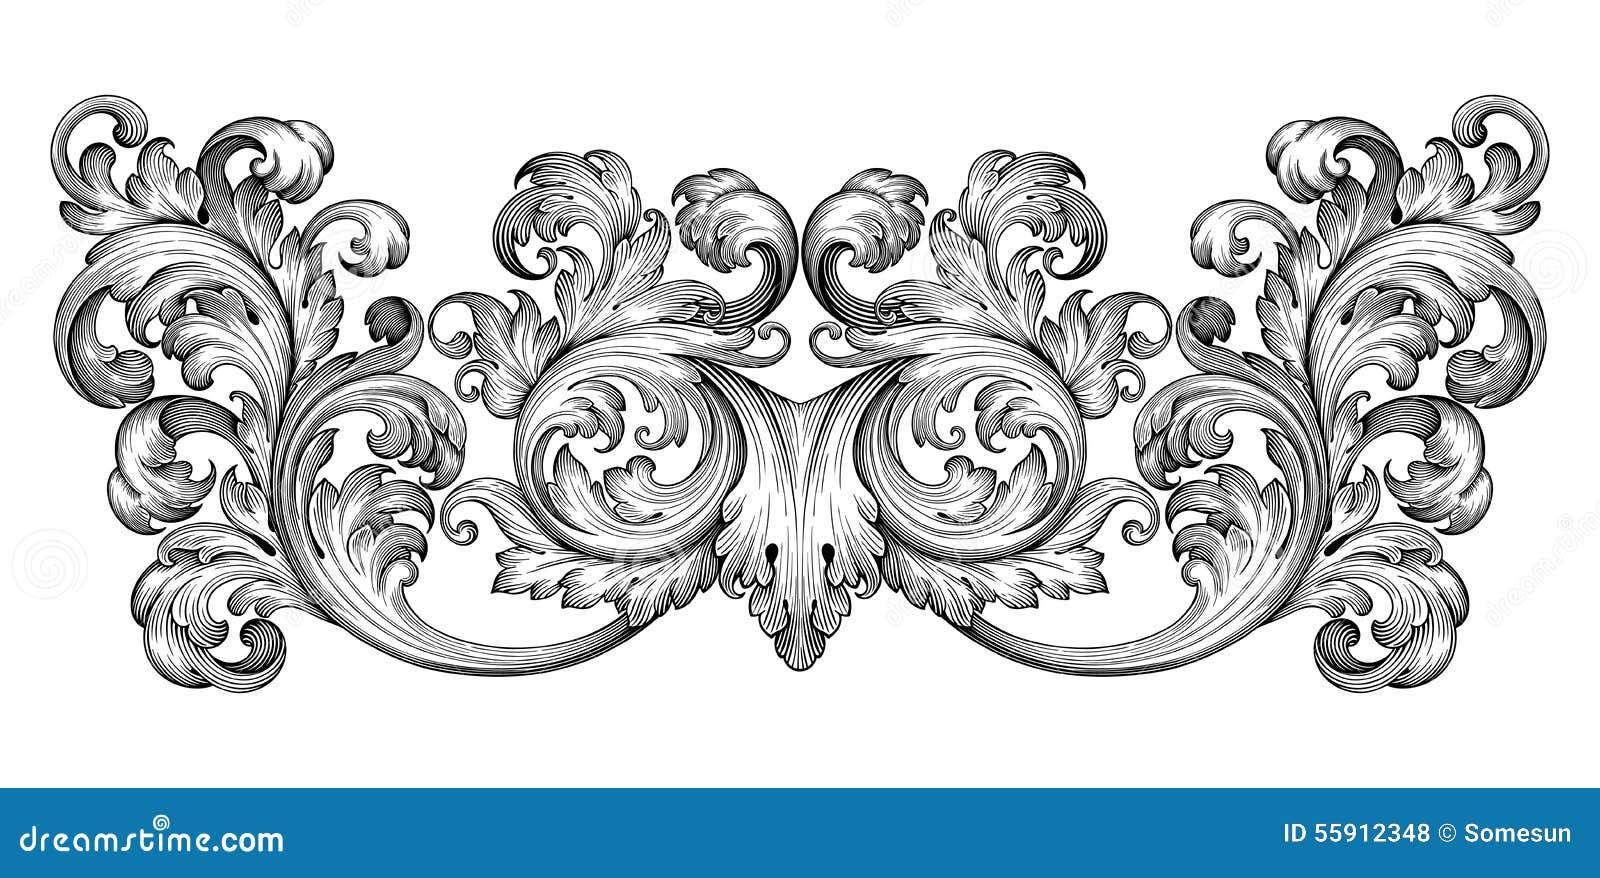 Het ROCOCO een sierlijke grillige lichtvoetige stijl